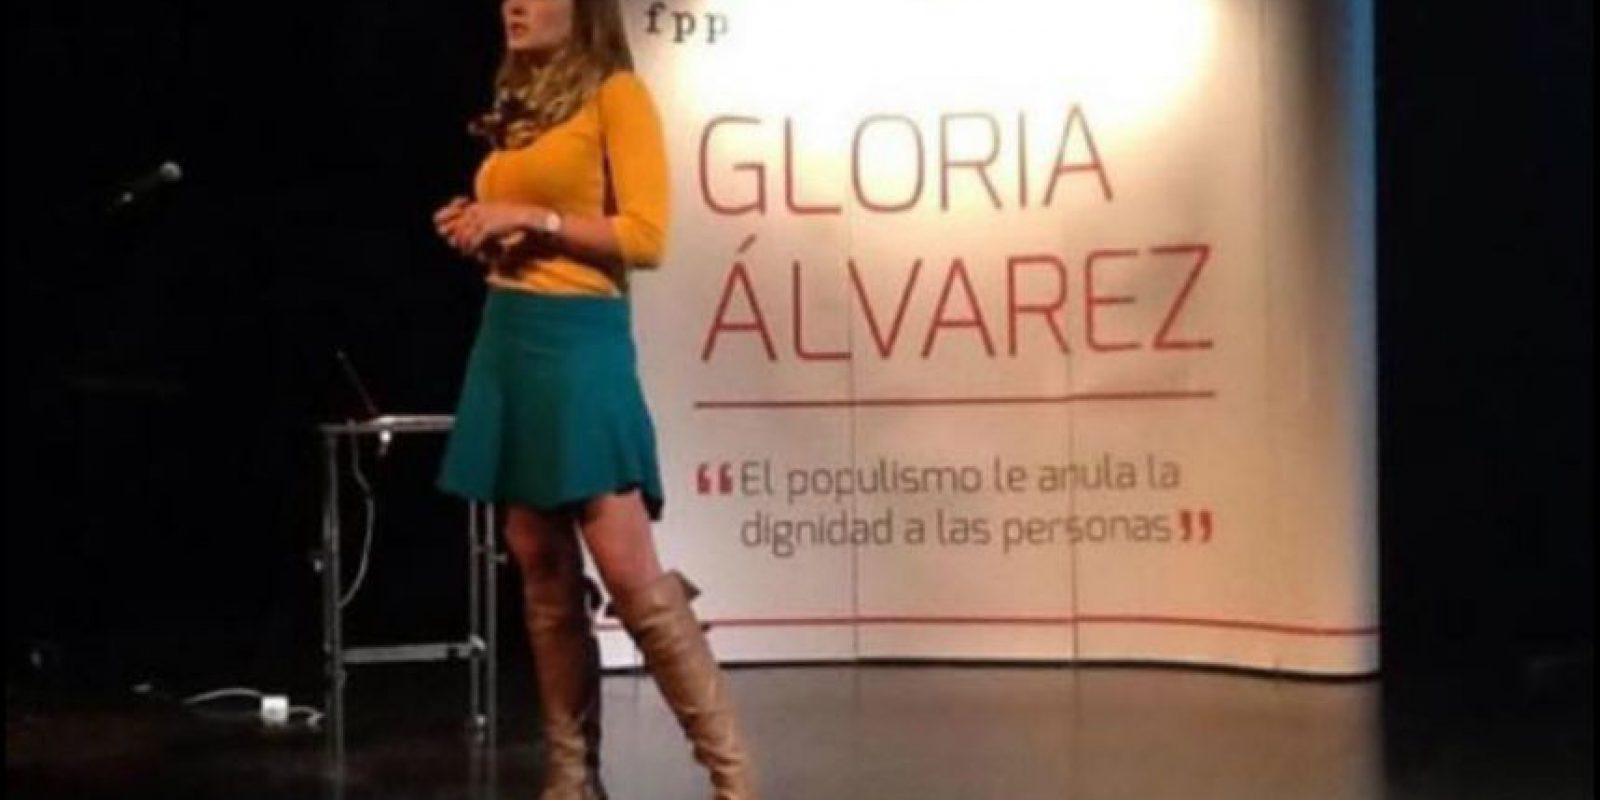 Tiene 30 años Foto:Facebook.com/GloriaAlvarez